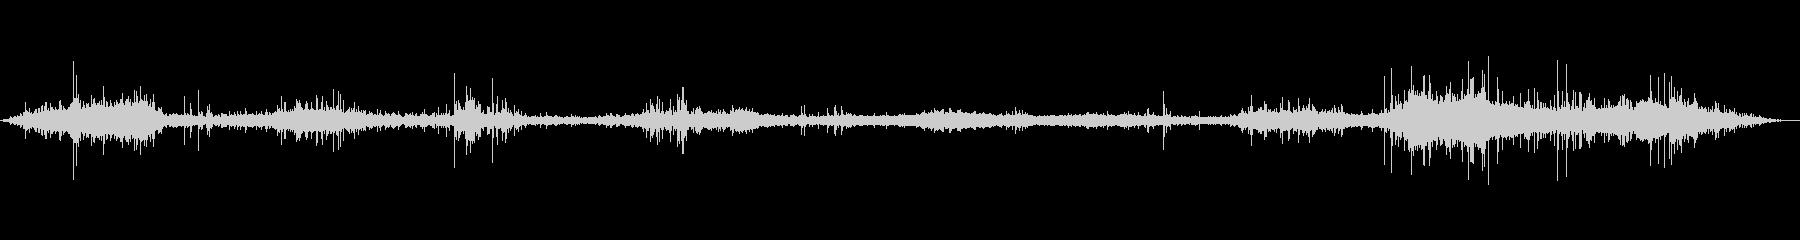 【環境音】500個の風鈴の音02の未再生の波形